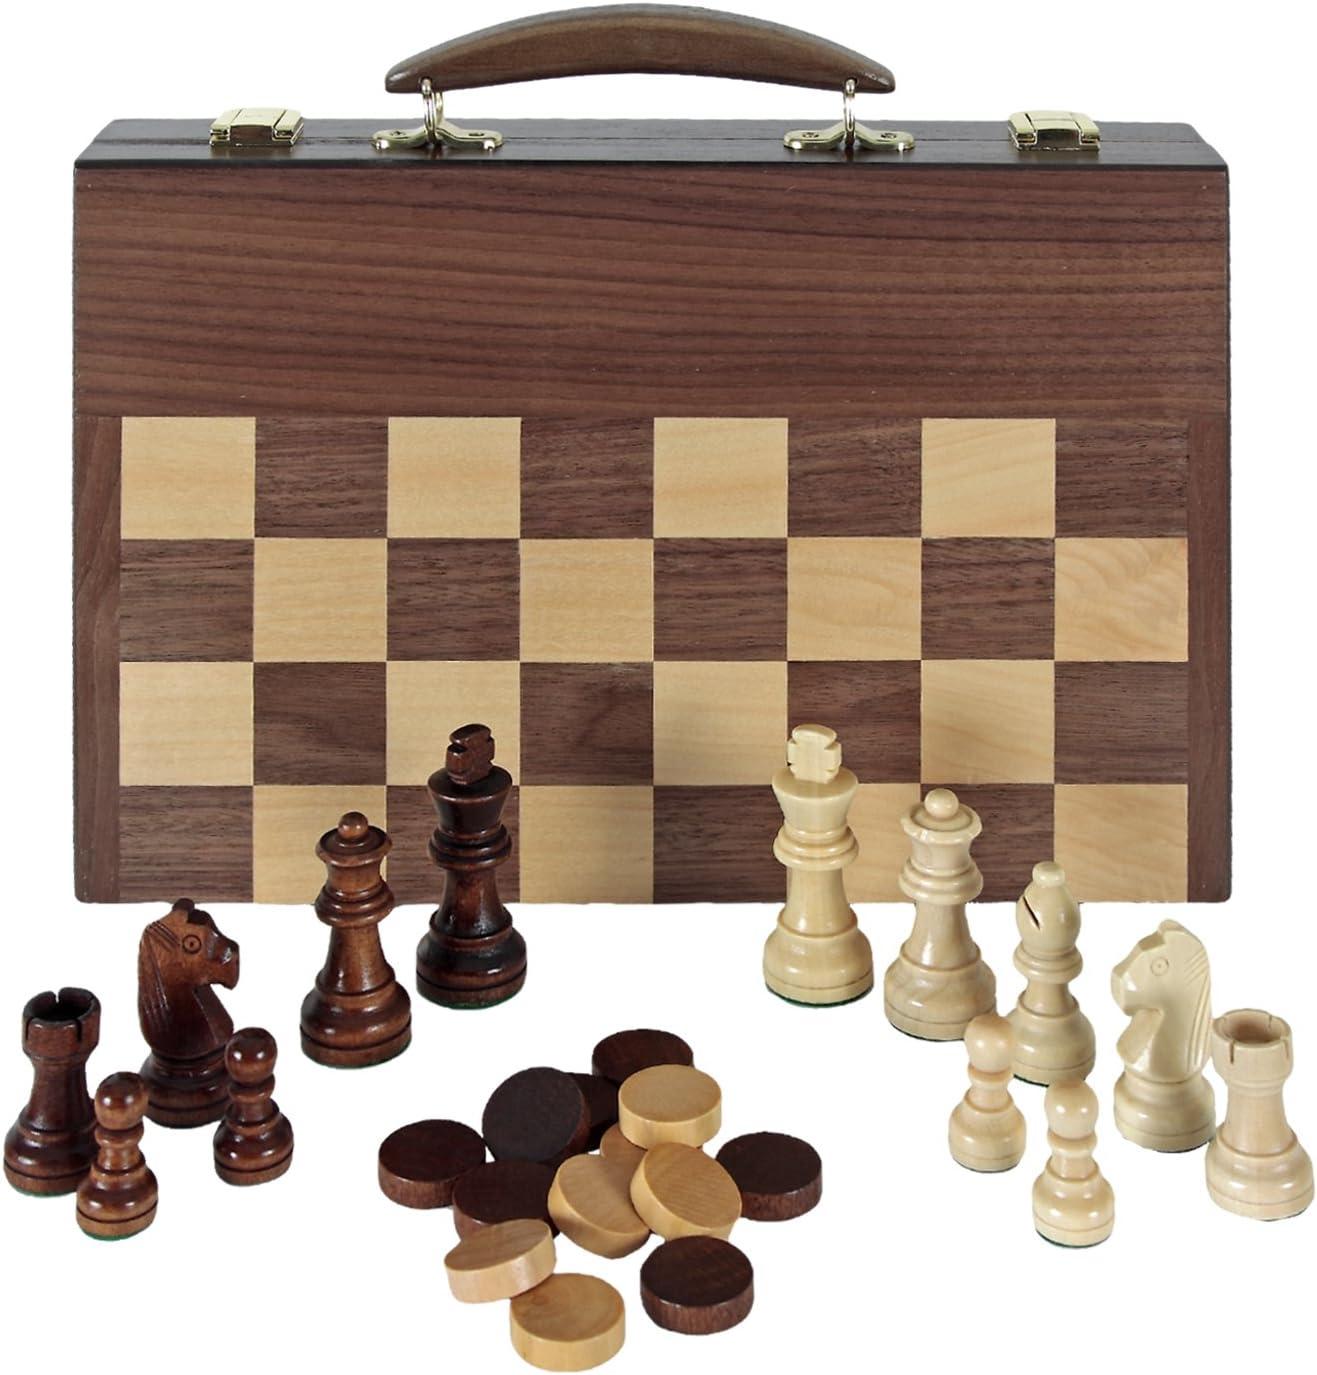 Aquamarine Games Ajedrez, Damas y Backgammon en maletin (Compudid FD100616), Multicolor: Amazon.es: Juguetes y juegos